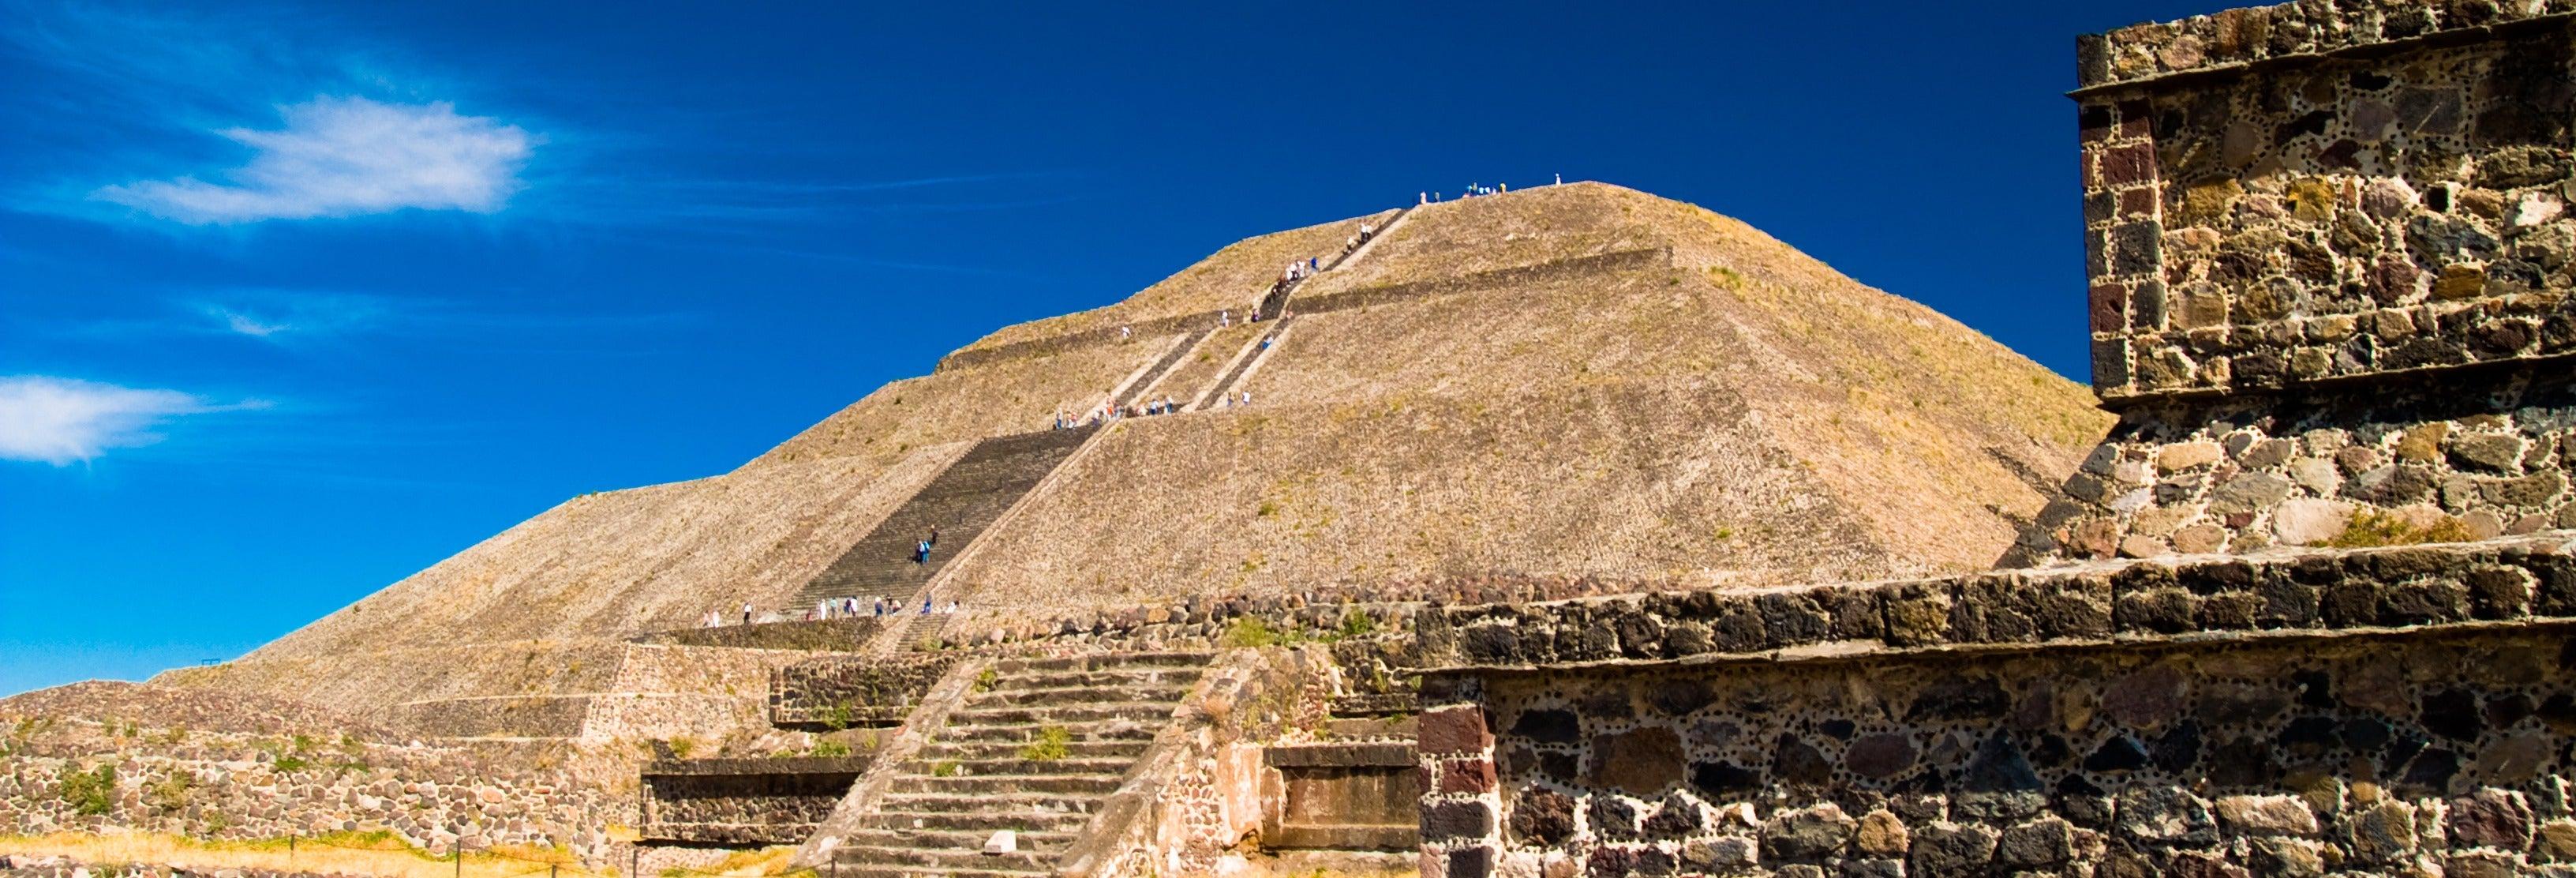 Teotihuacán, Basílica de Guadalupe y Tlatelolco